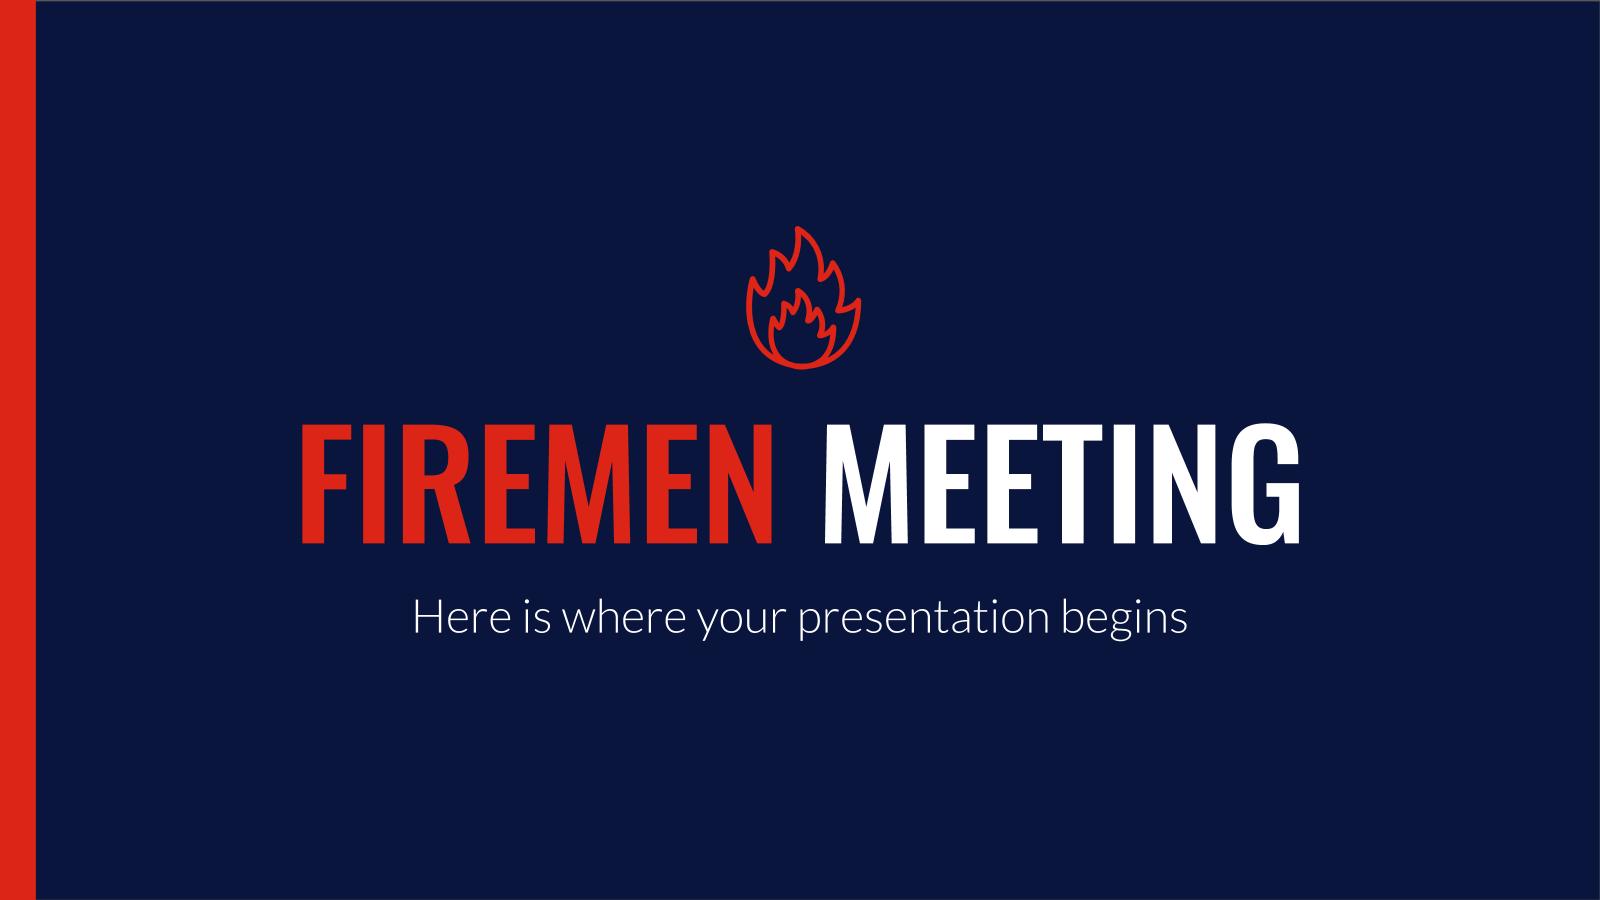 Firemen Meeting presentation template